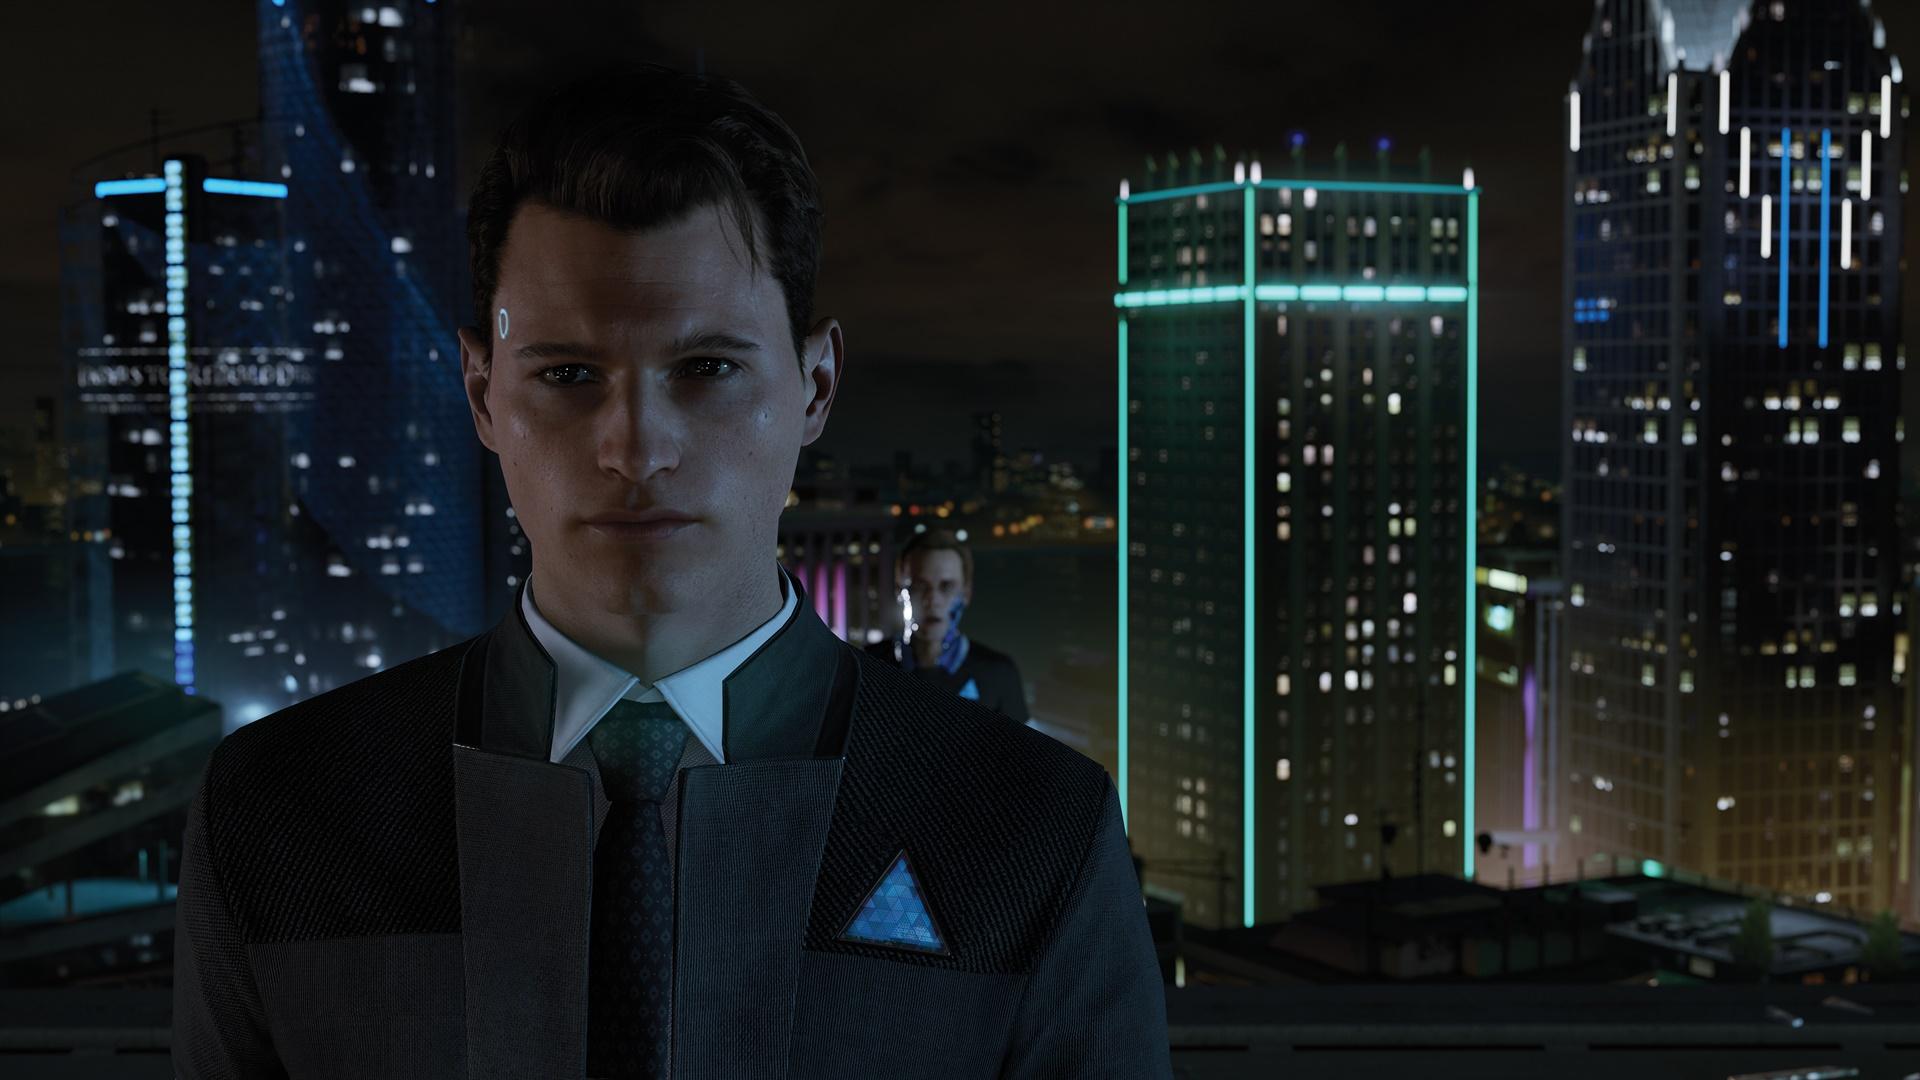 E3 2016で披露されたコナー。調査能力を持つ、プロトタイプの特殊なアンドロイドだ。彼もまた、胸に青い三角マークが見える